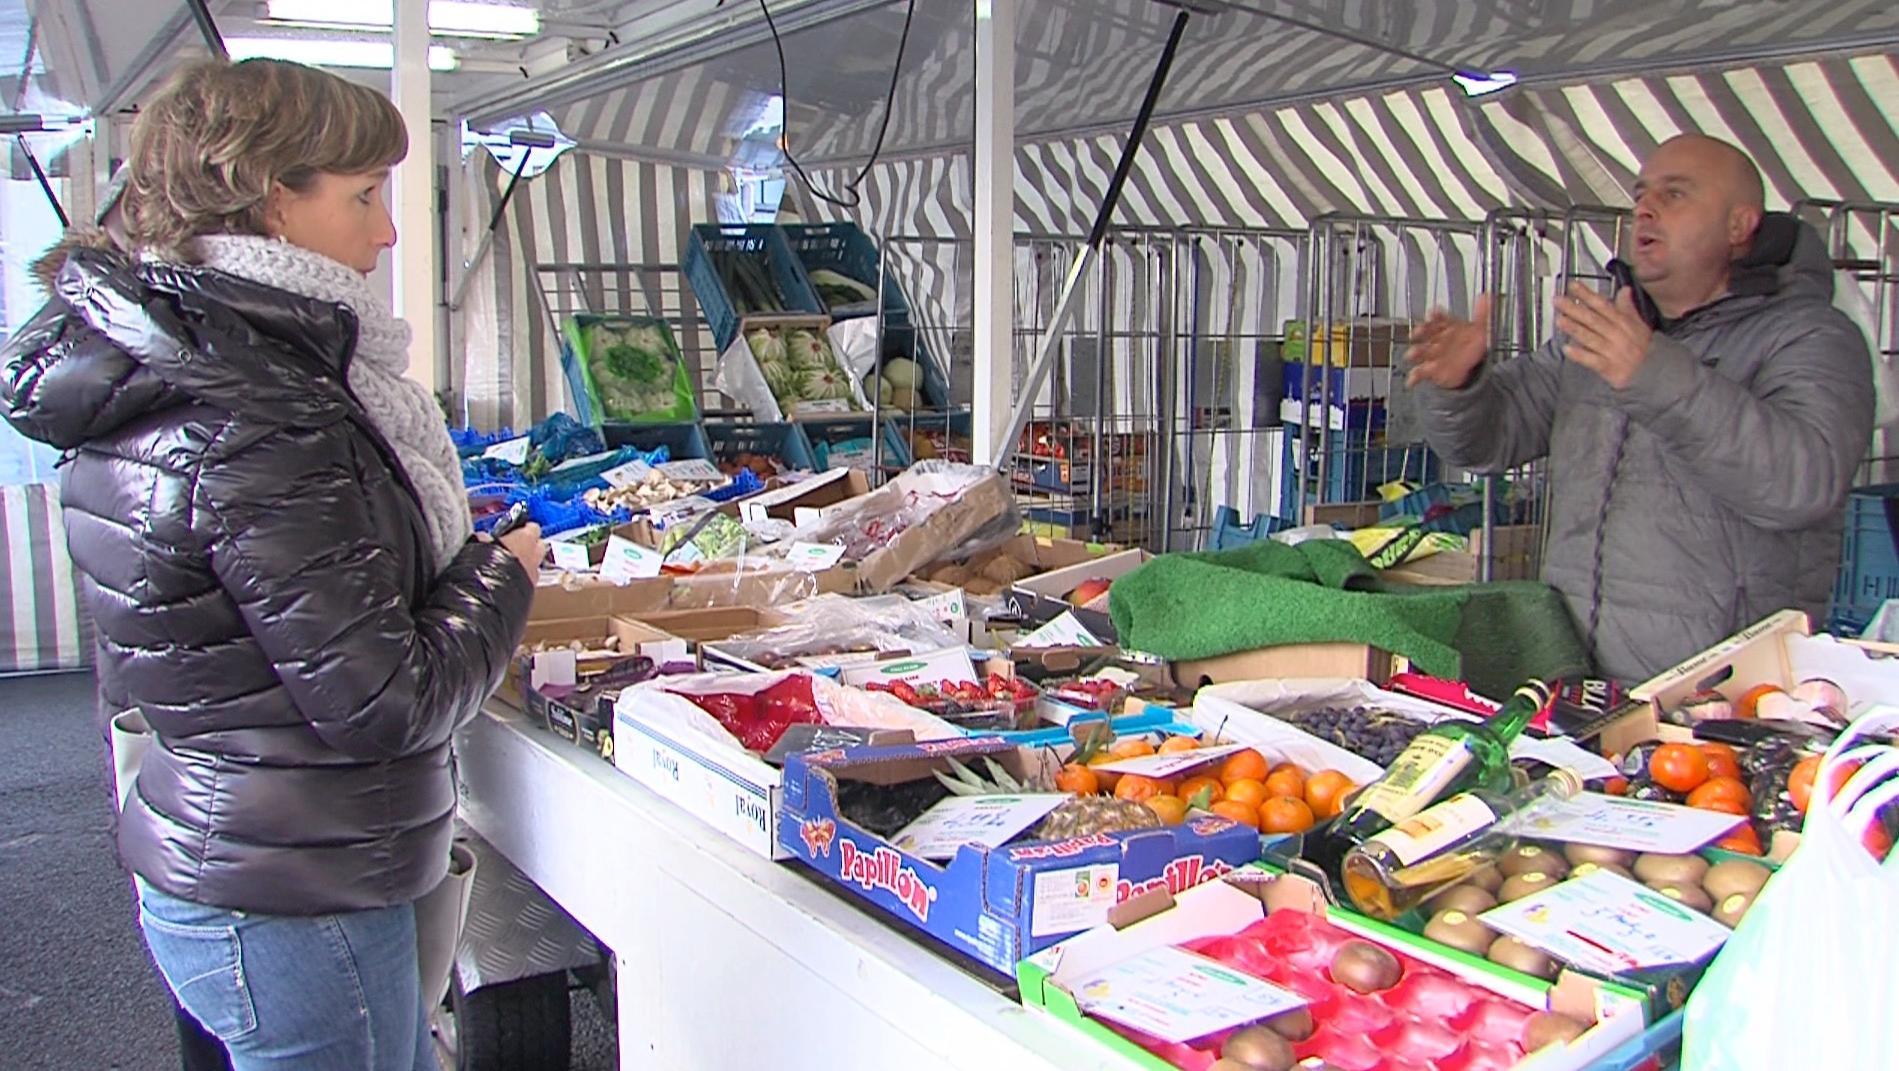 Devenu trop dangereux, le marché de Beloeil déménage vers la liaison paysagère